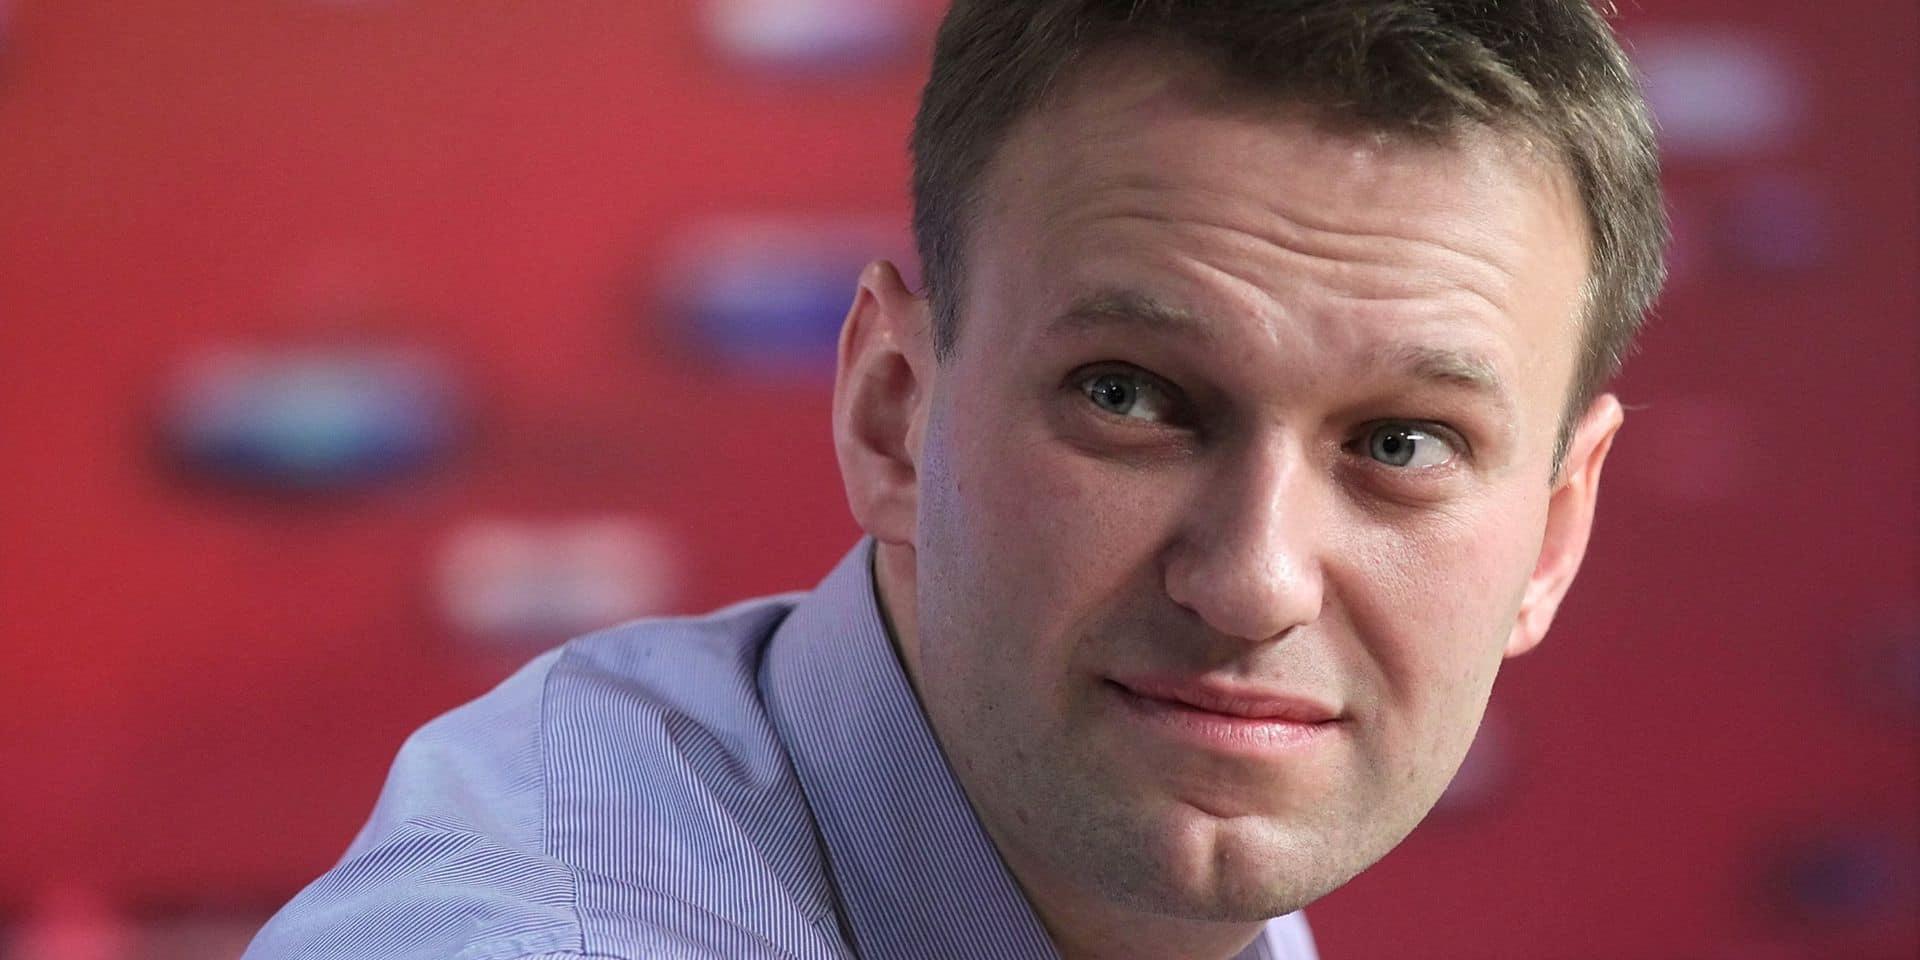 Alexeï Navalny, le trouble-fête du Kremlin qui ne manque pas d'ennemis